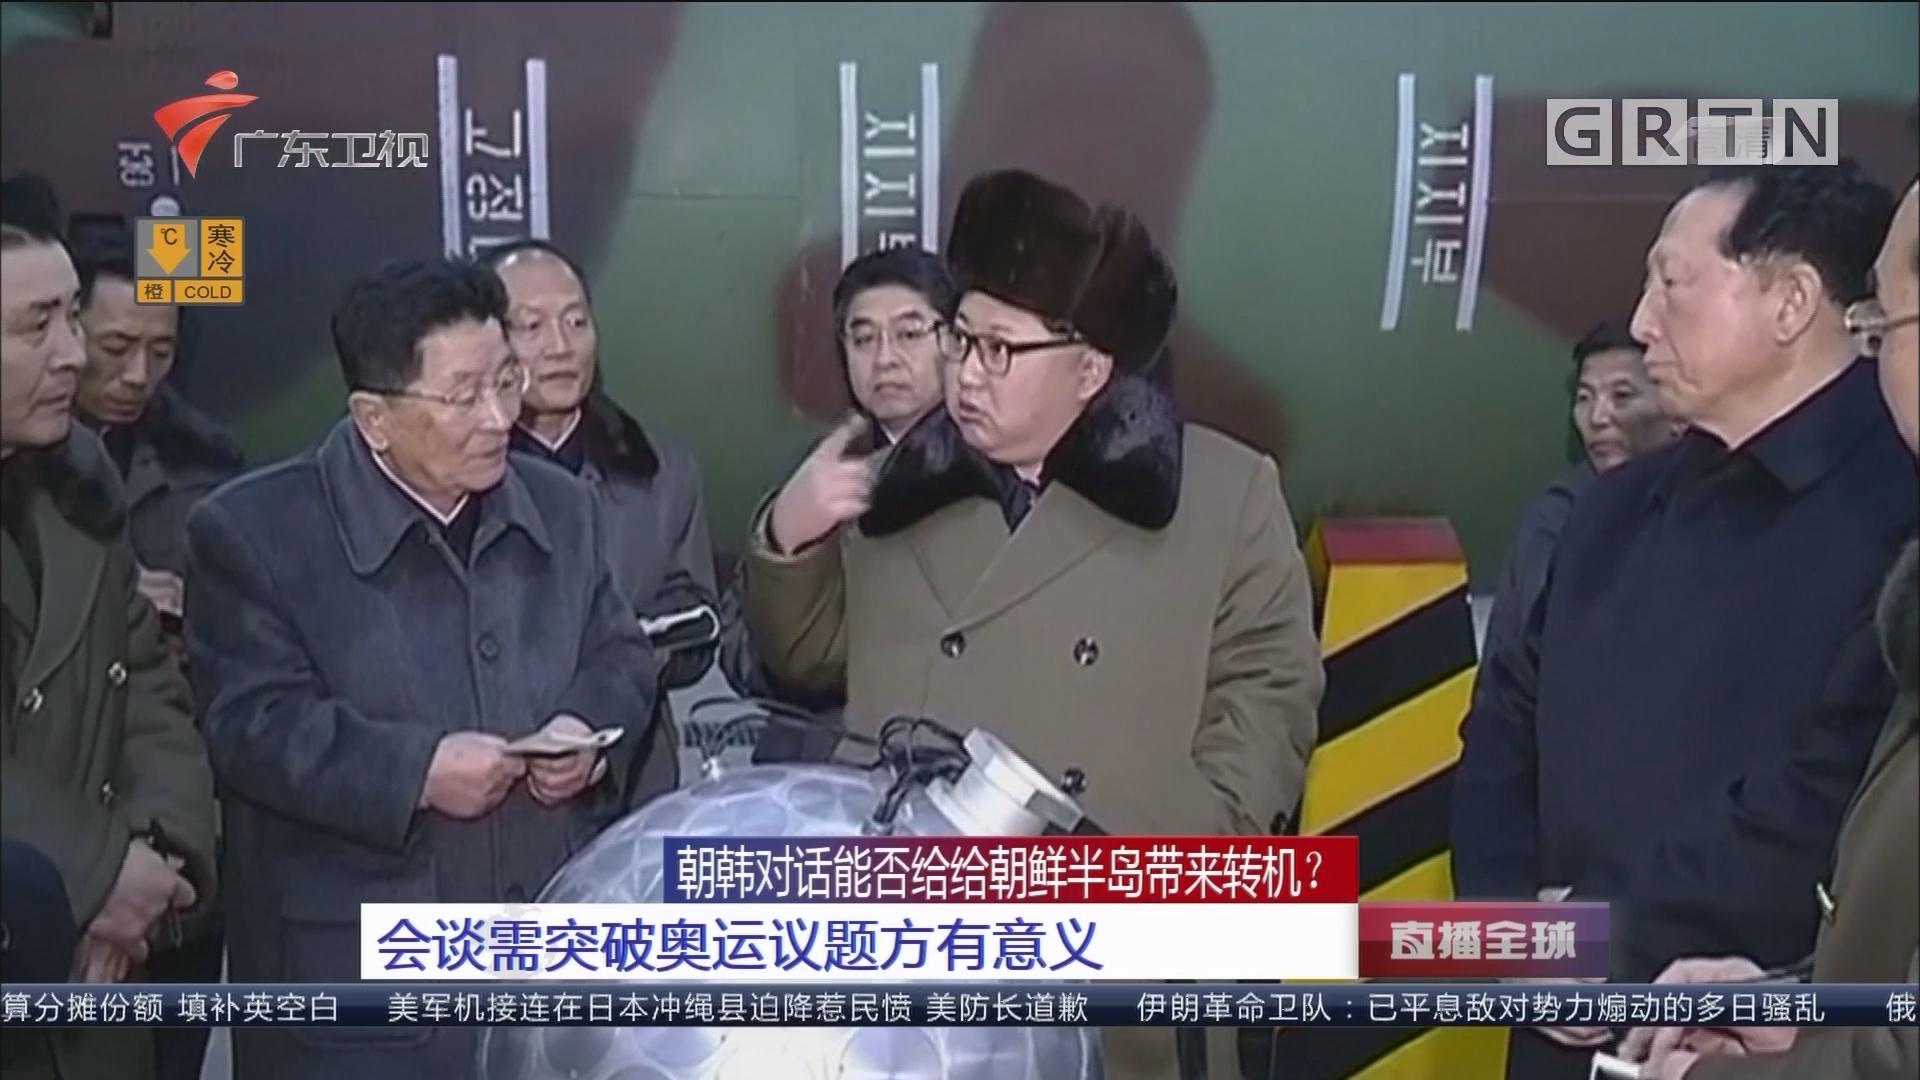 朝韩对话能否给朝鲜半岛带来转机? 会谈需突破奥运议题方有意义